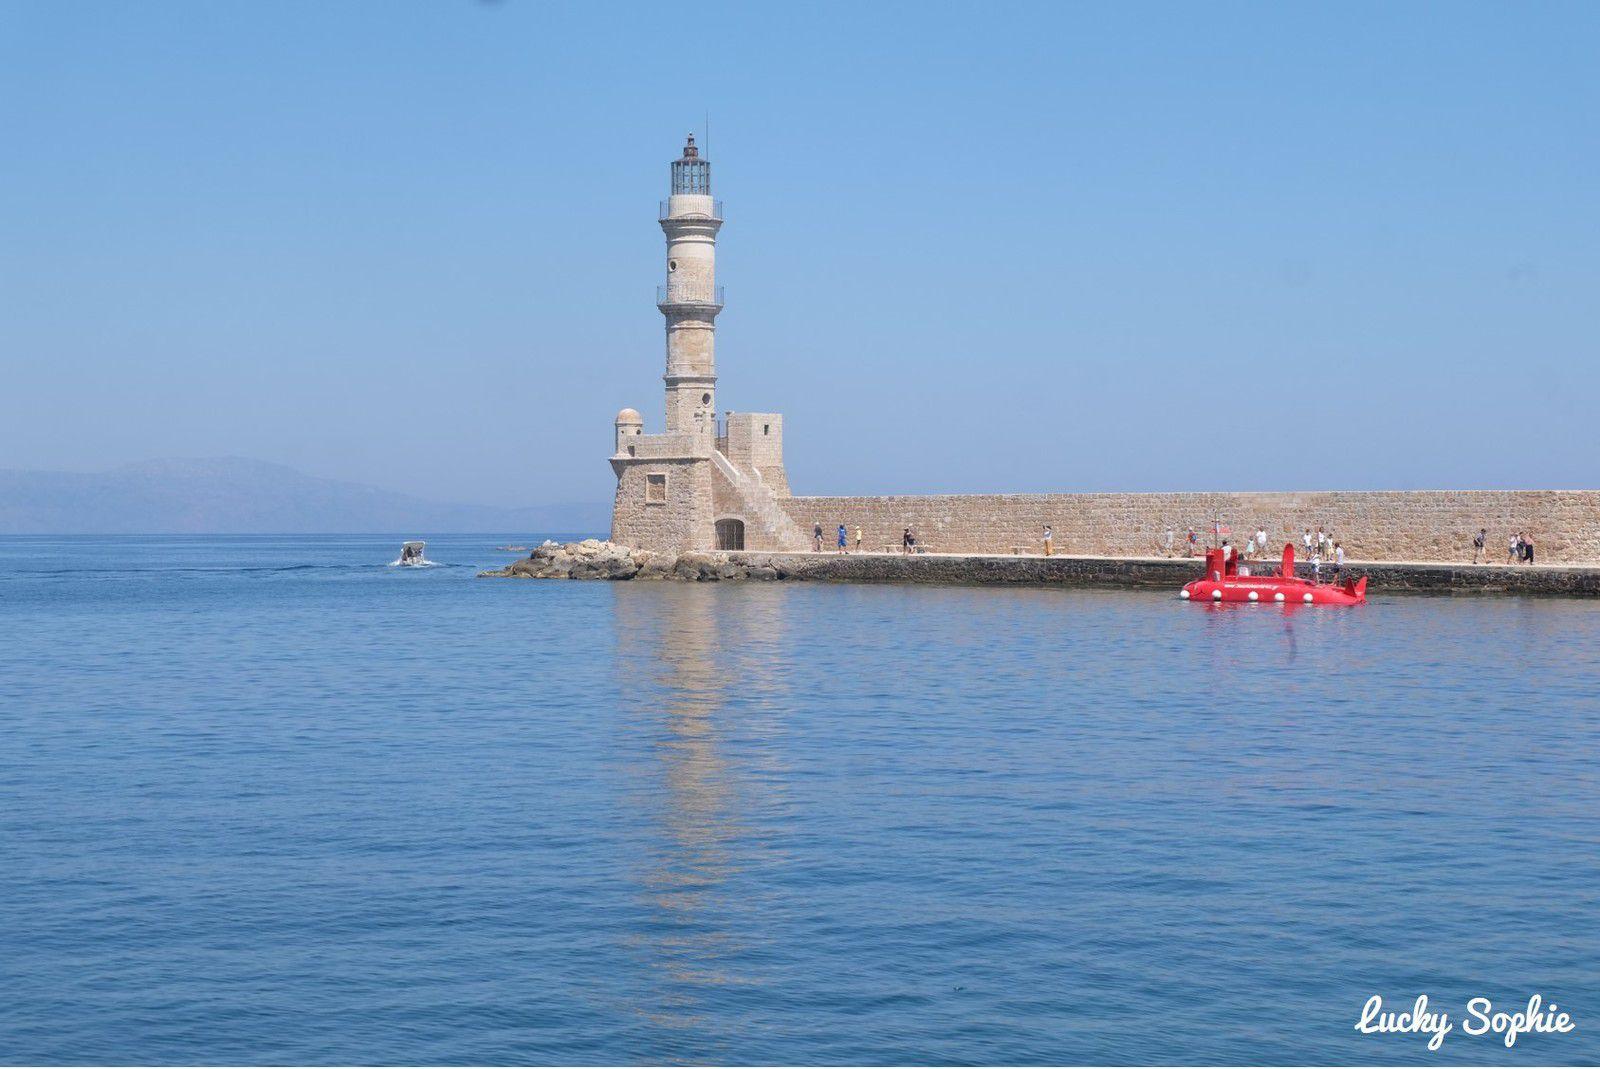 A l'entrée du port, le phare du XVIe siècle avec des influences vénitiennes, égyptiennes et ottomanes.